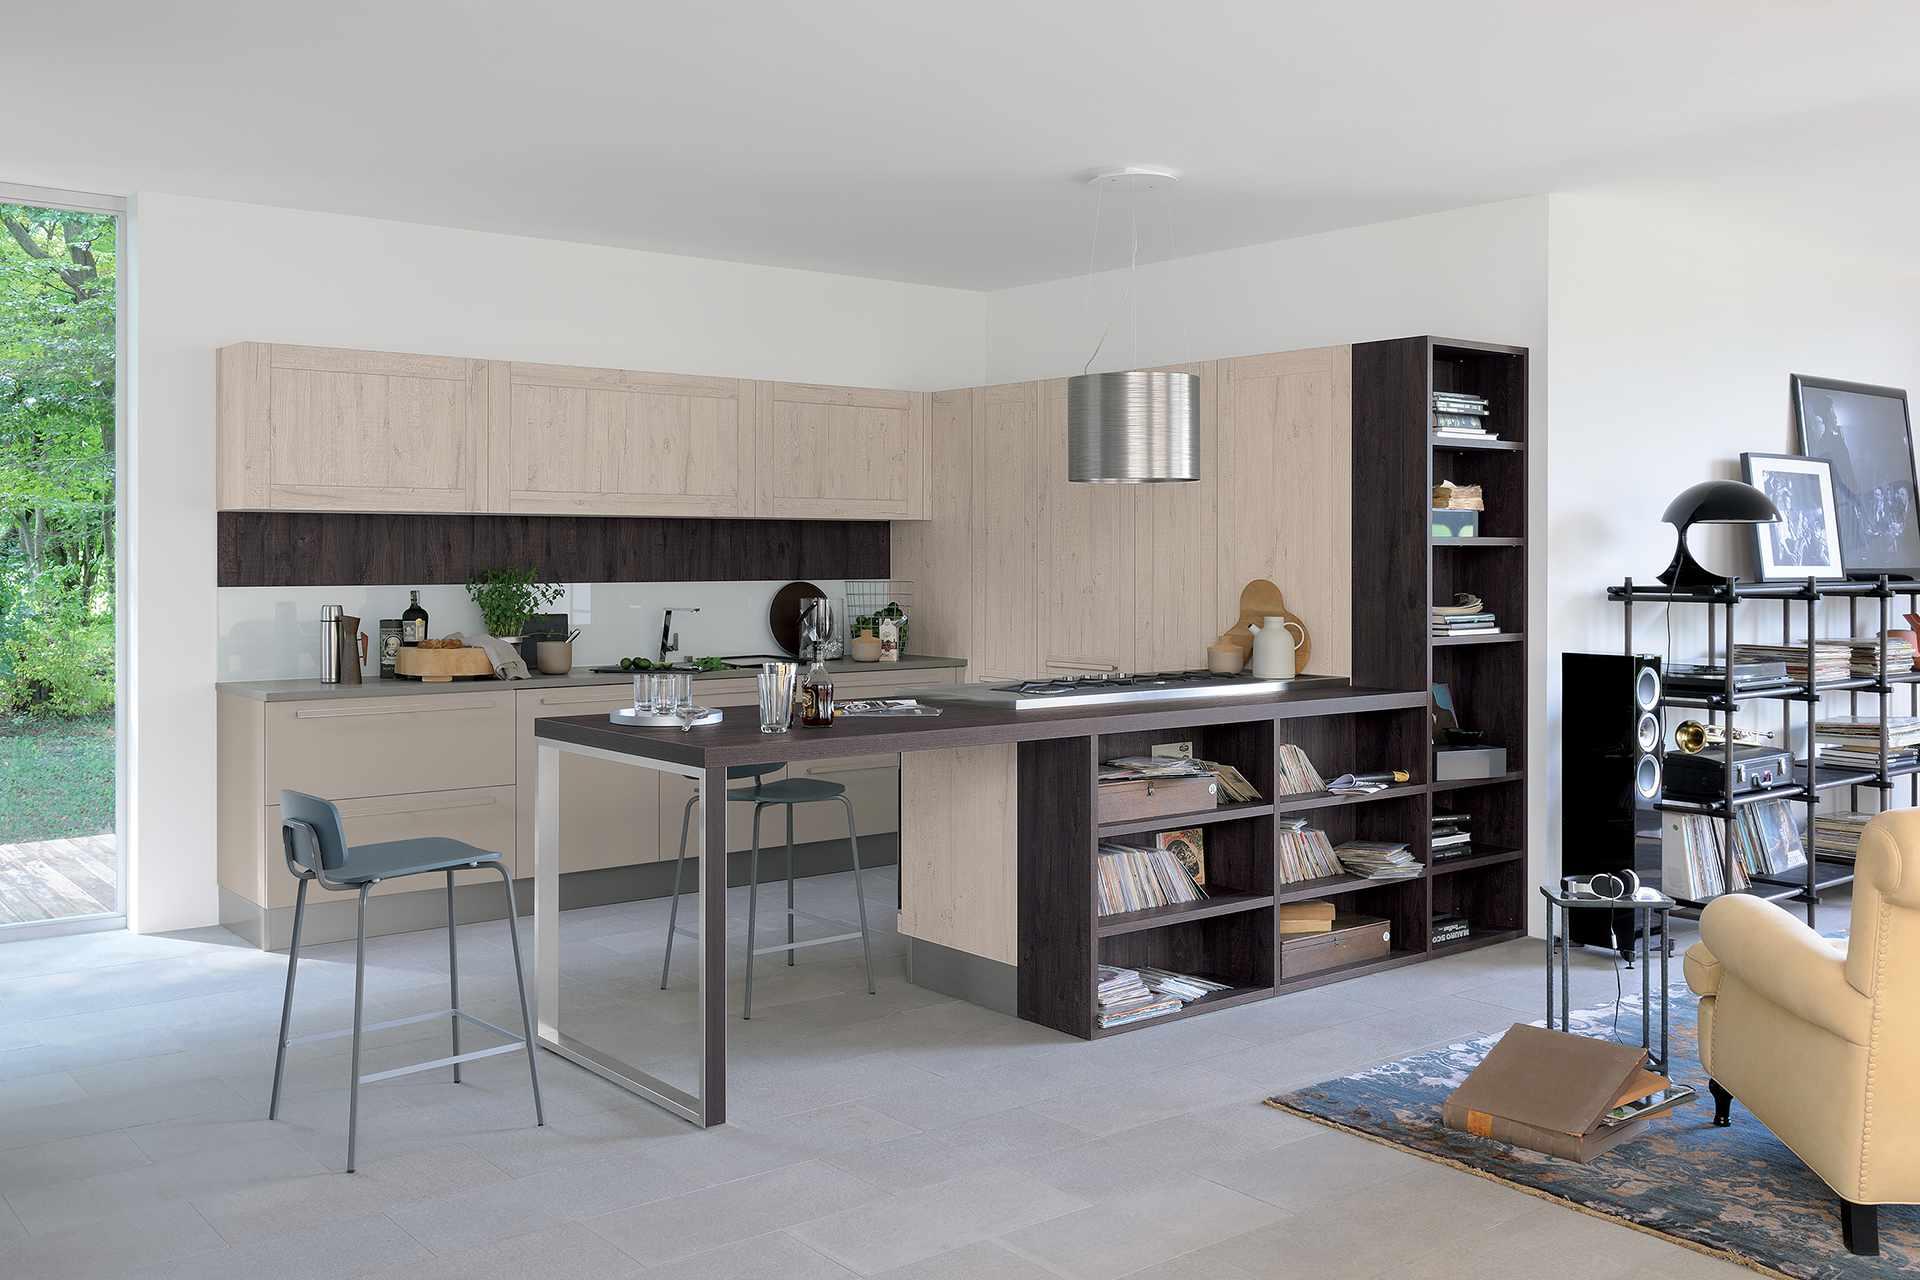 Ethica Decorativo di Veneta Cucine, un progetto orientato al Design ...